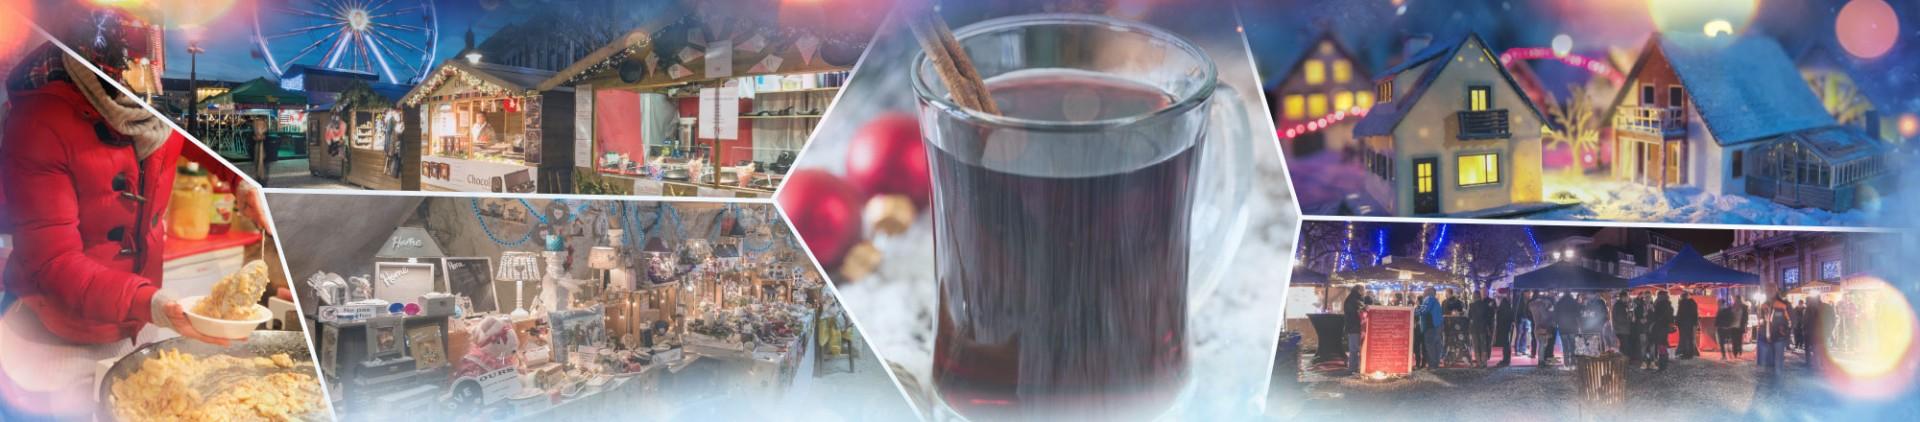 Weihnachtsmärkte im Provinz Lüttich